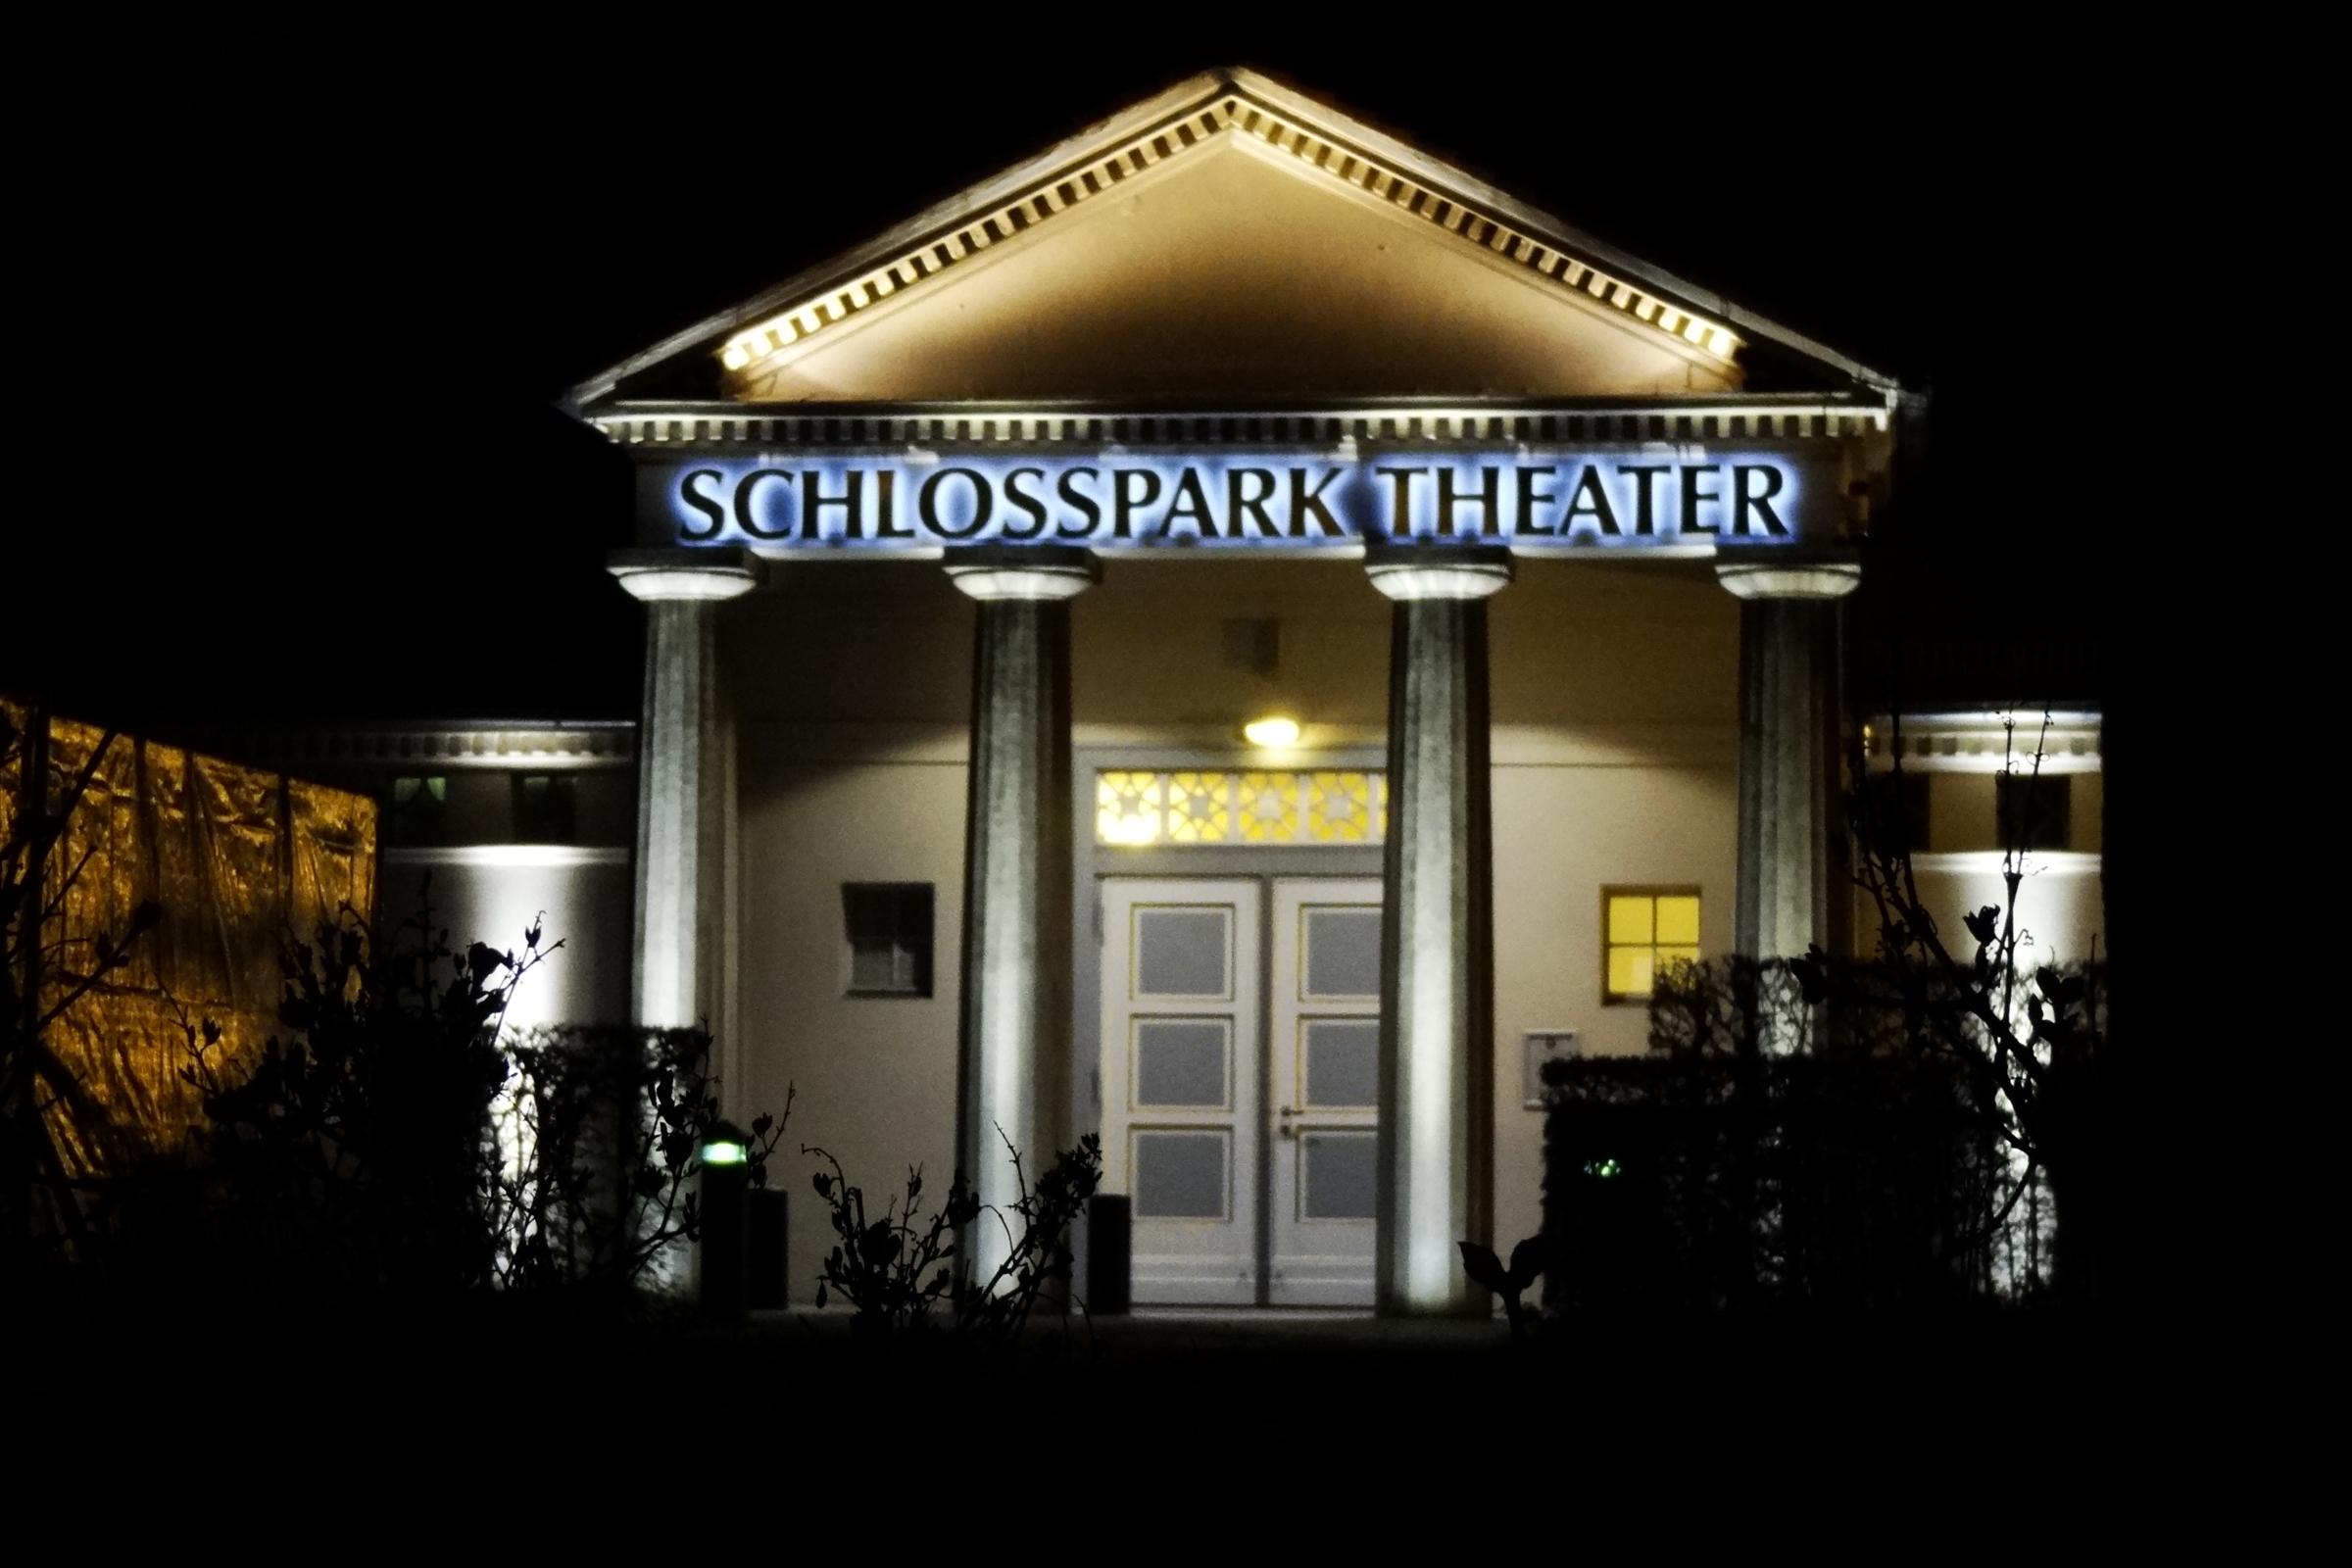 Schlosspark-Theater in Steglitz. Foto: Ulrich Horb